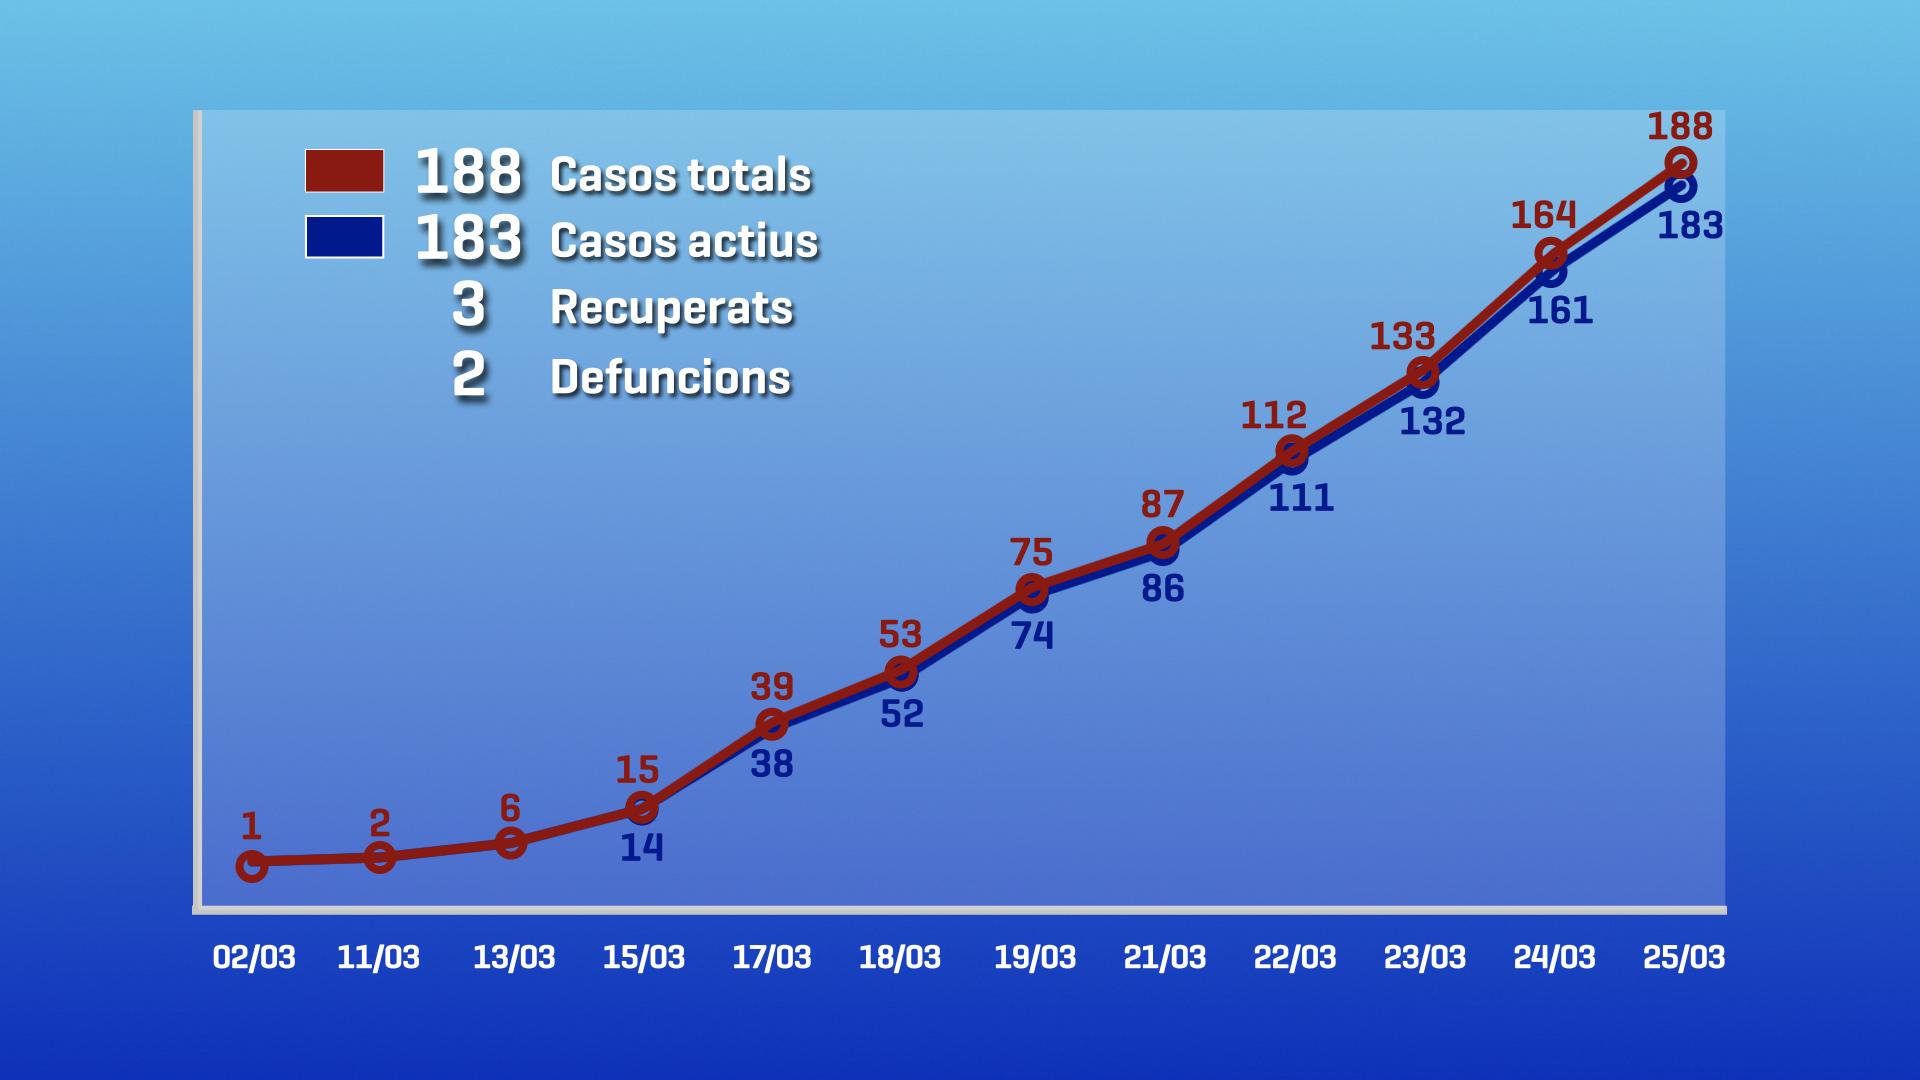 Salut informa de 183 casos actius de coronavirus i insisteix en el confinament